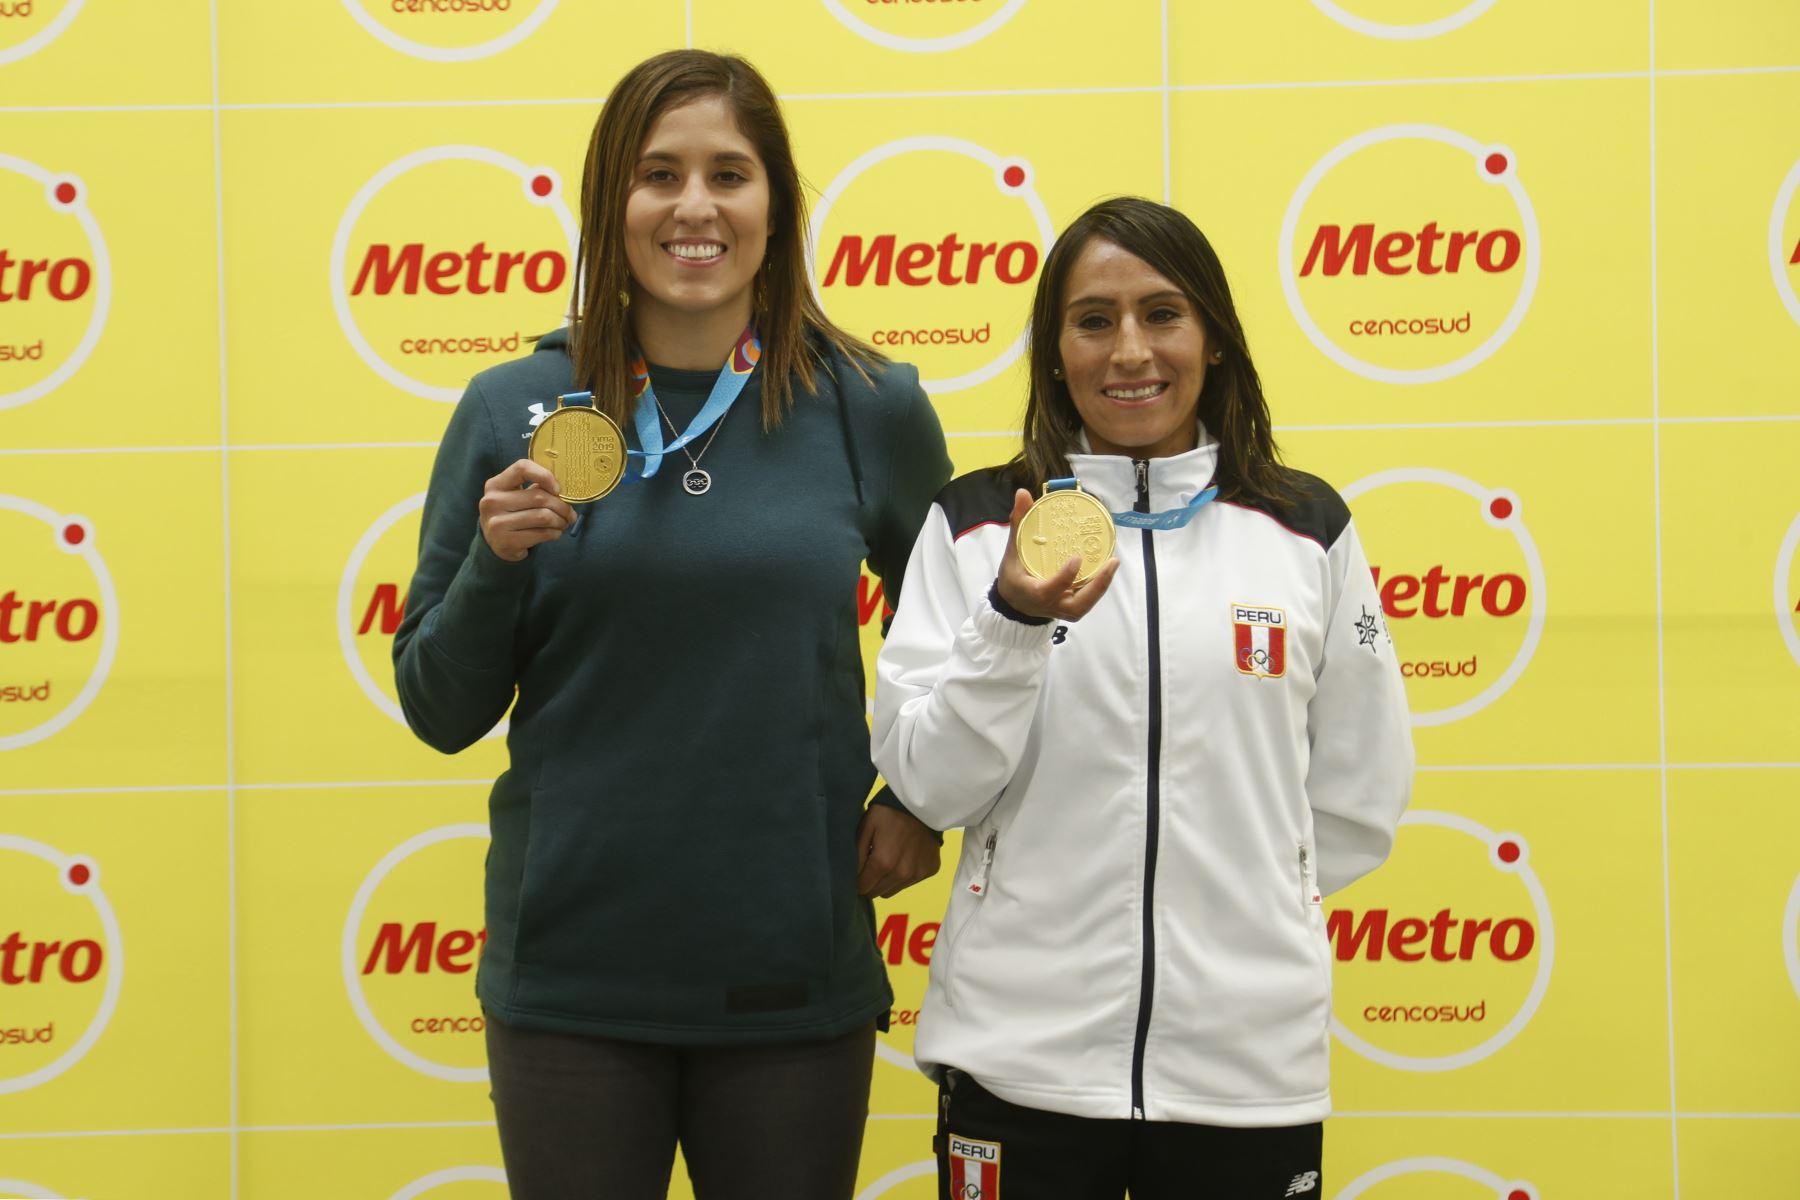 Gladys Tejeda, Alexandra Grande, deportista peruanas ganadoras de medallas de oro en los Juegos Panamericanos de Lima 2019. Foto: ANDINA/Josue Ramos